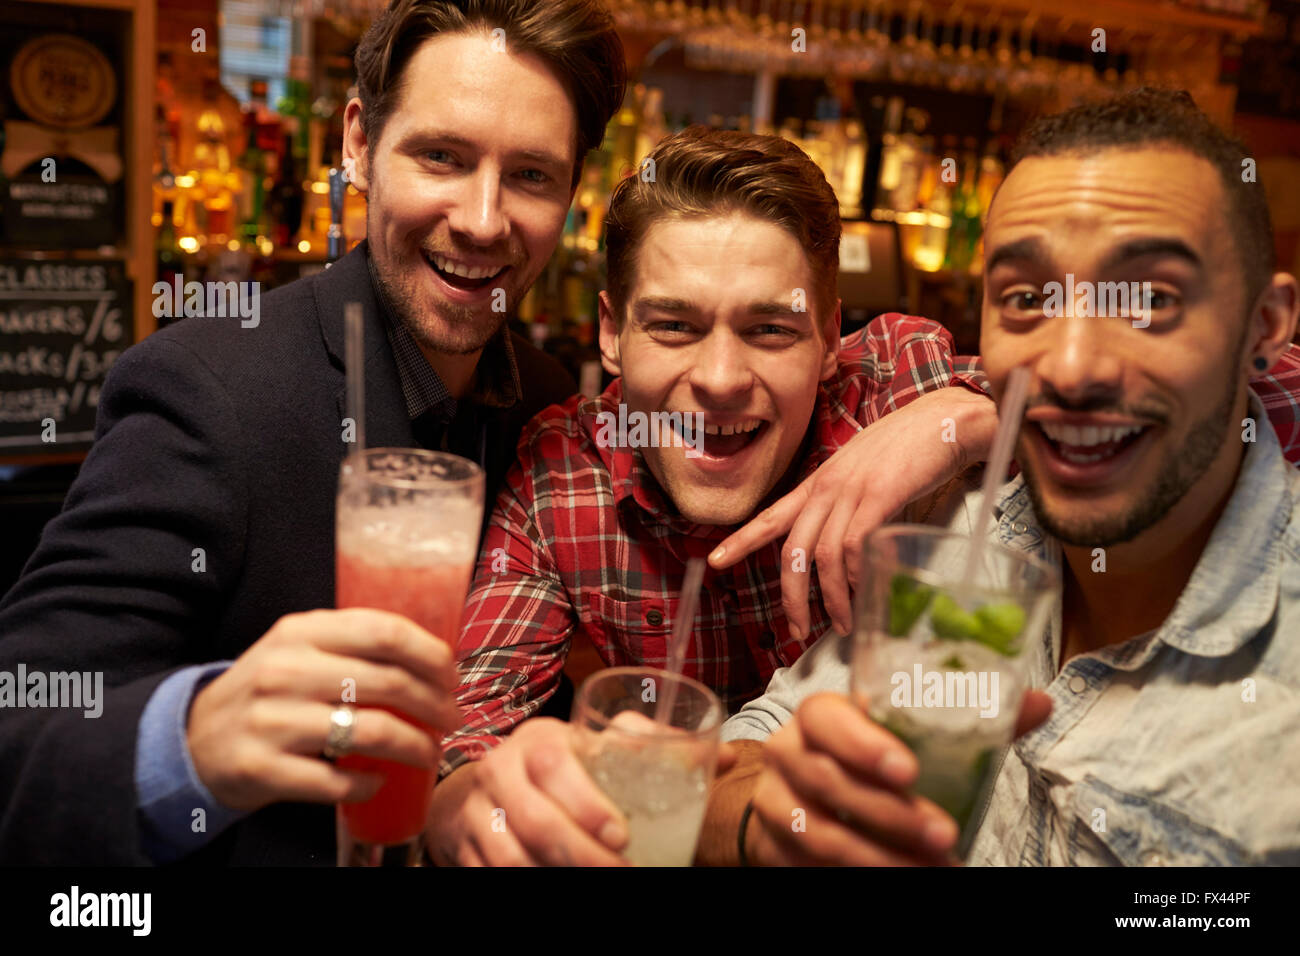 Réunion d'amis masculins pour prendre un verre en soirée au bar à cocktails Banque D'Images